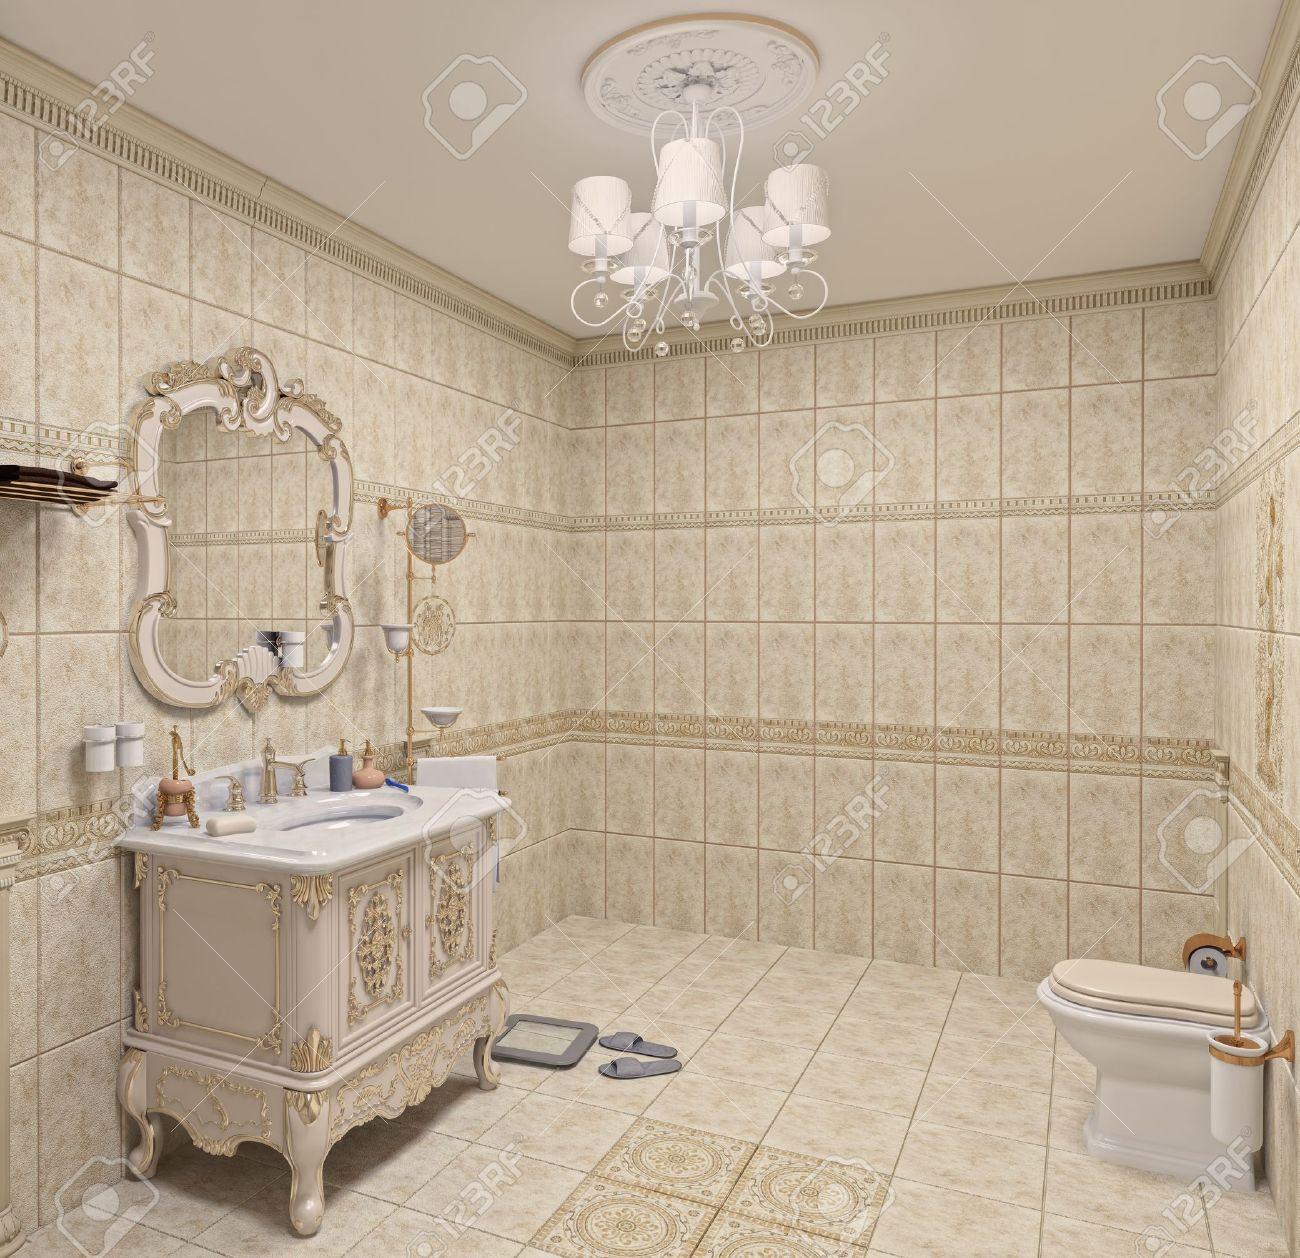 Interior Moderno Cuarto De Baño Con Azulejos Y Espejos (3D) Fotos ...